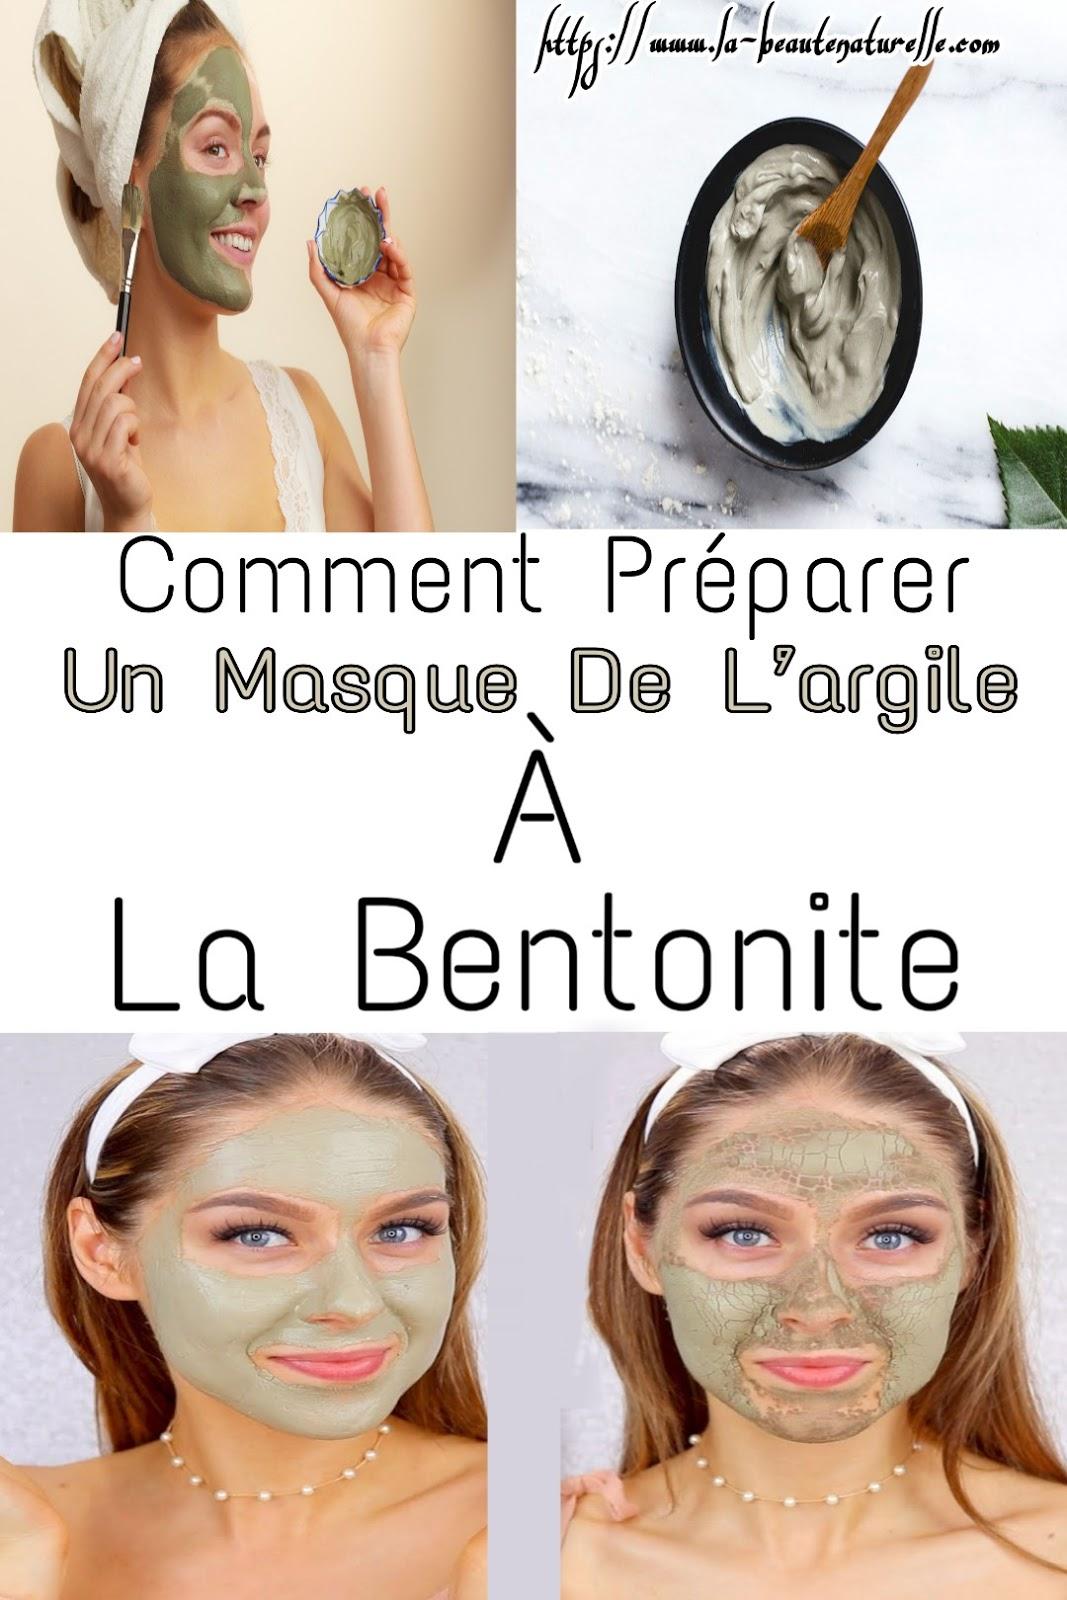 Comment Préparer Un Masque De L'argile À La Bentonite